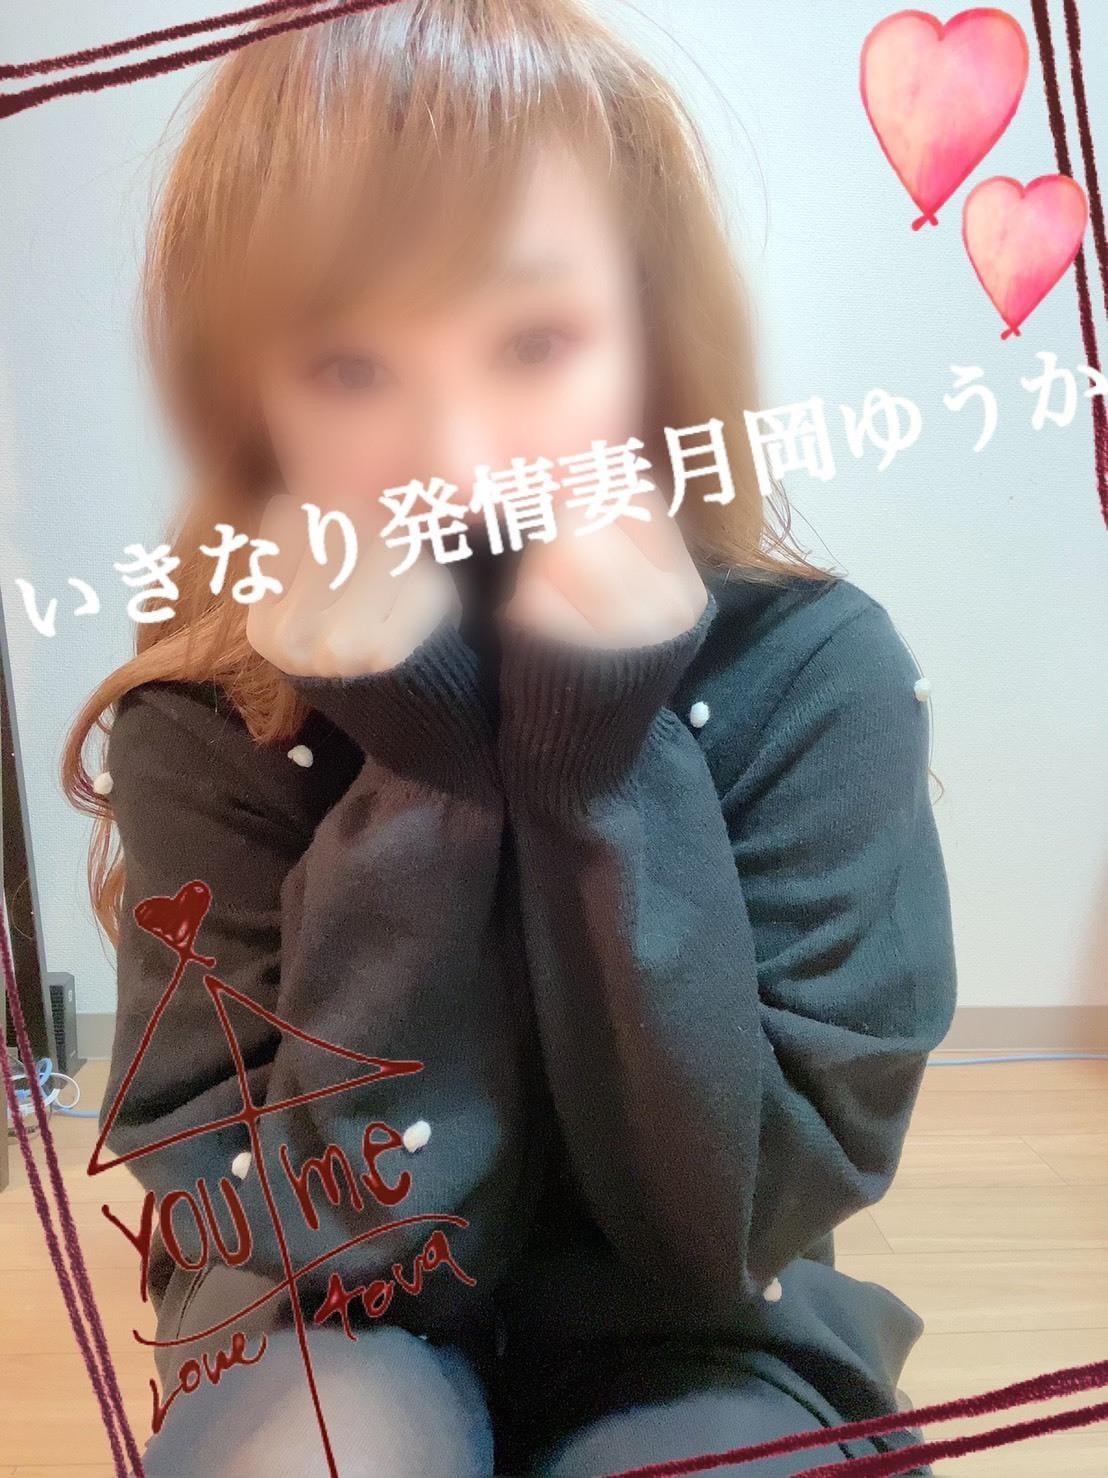 「0時まで受付中です」03/26(木) 18:43 | 月岡ゆうかの写メ・風俗動画